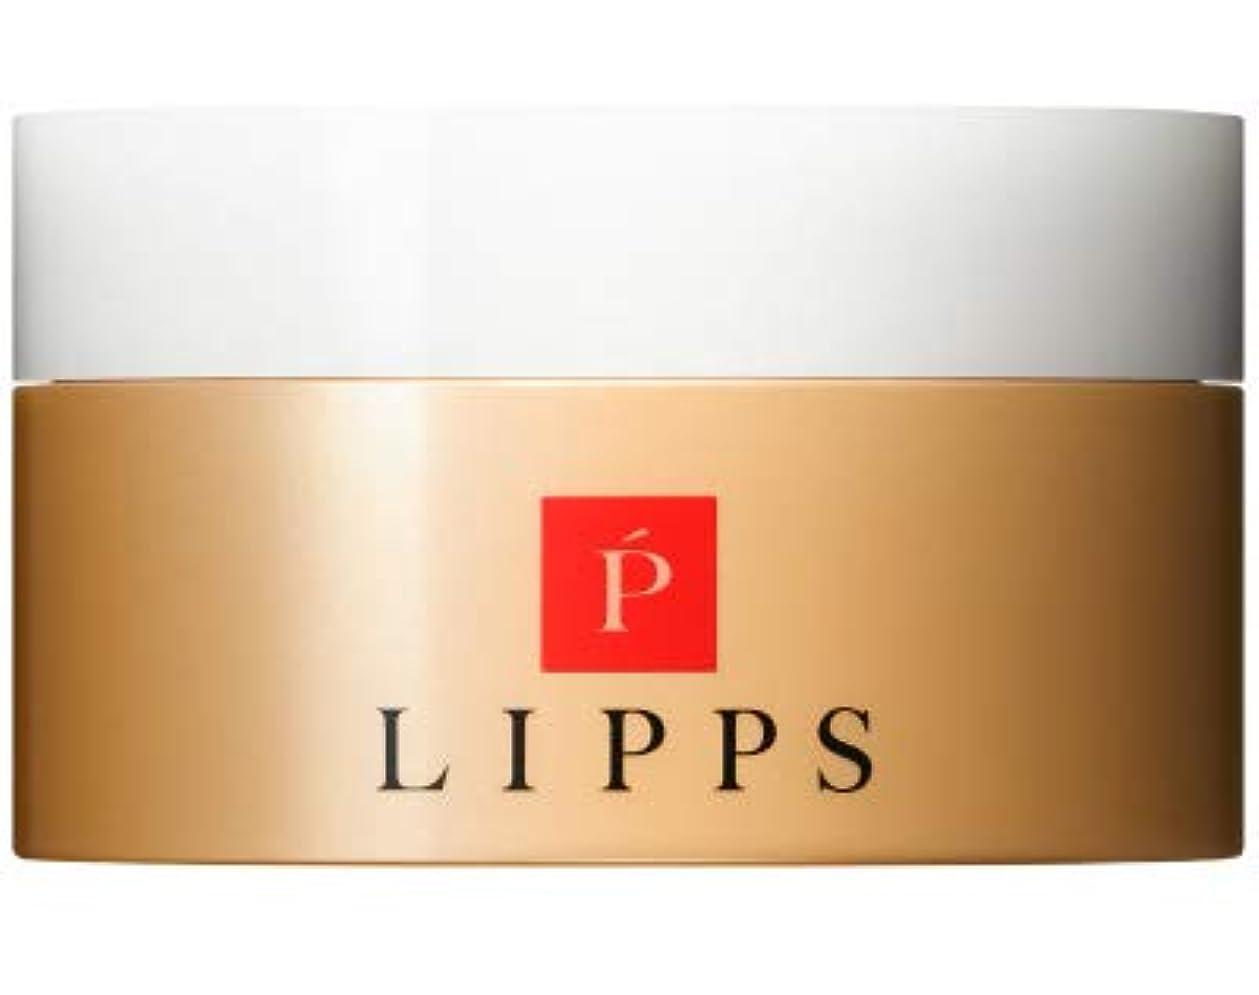 拘束モチーフ文明化【ふわっと動く×自由自在な束感】LIPPS L12フリーキープワックス (85g)